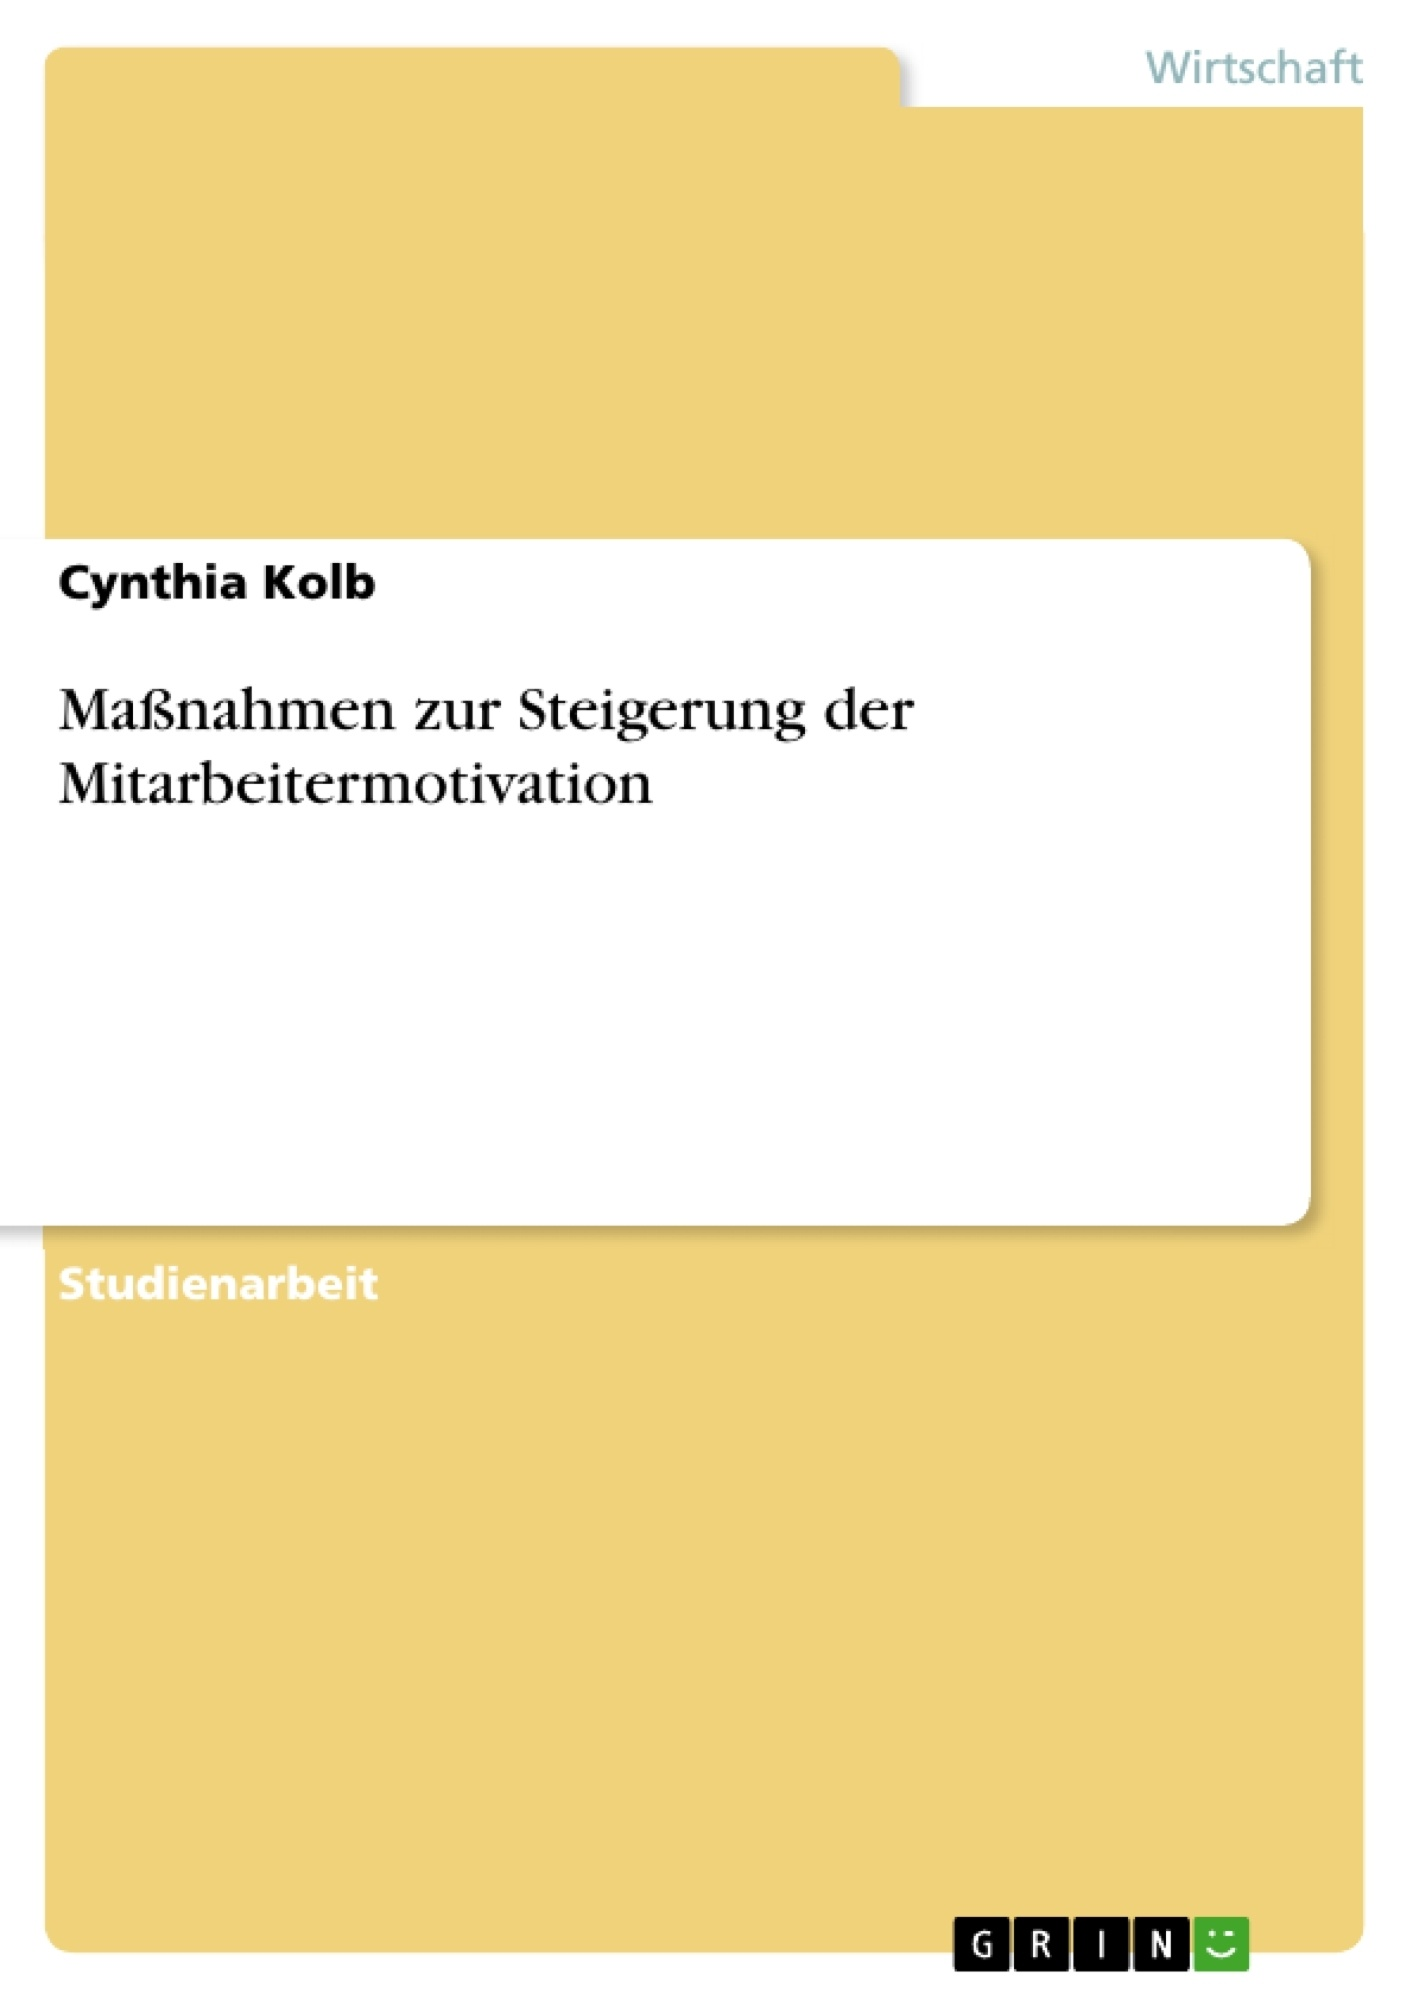 Titel: Maßnahmen zur Steigerung der Mitarbeitermotivation